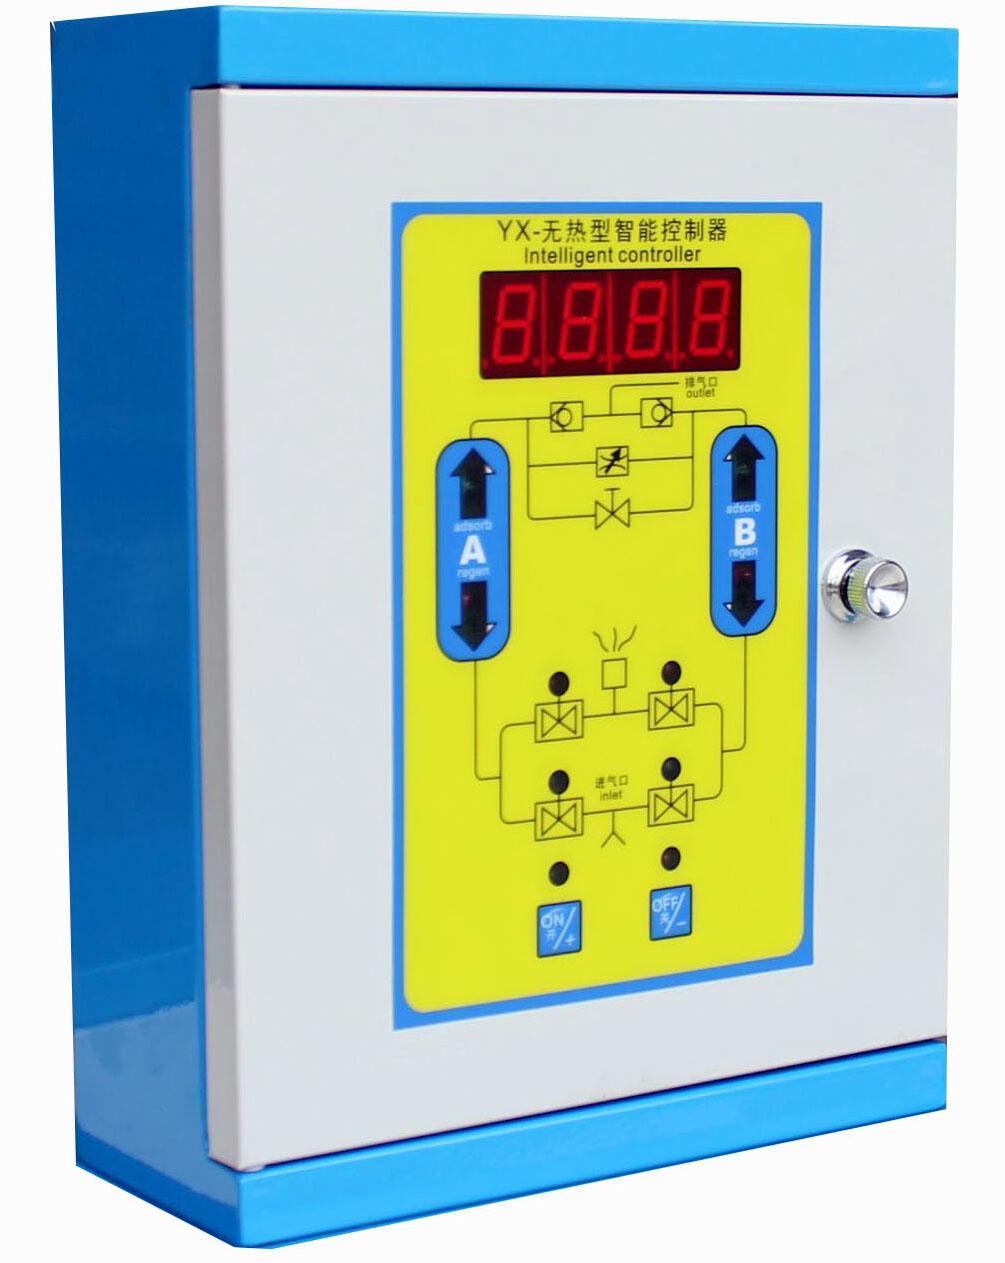 无热再生吸附式干燥机控制器